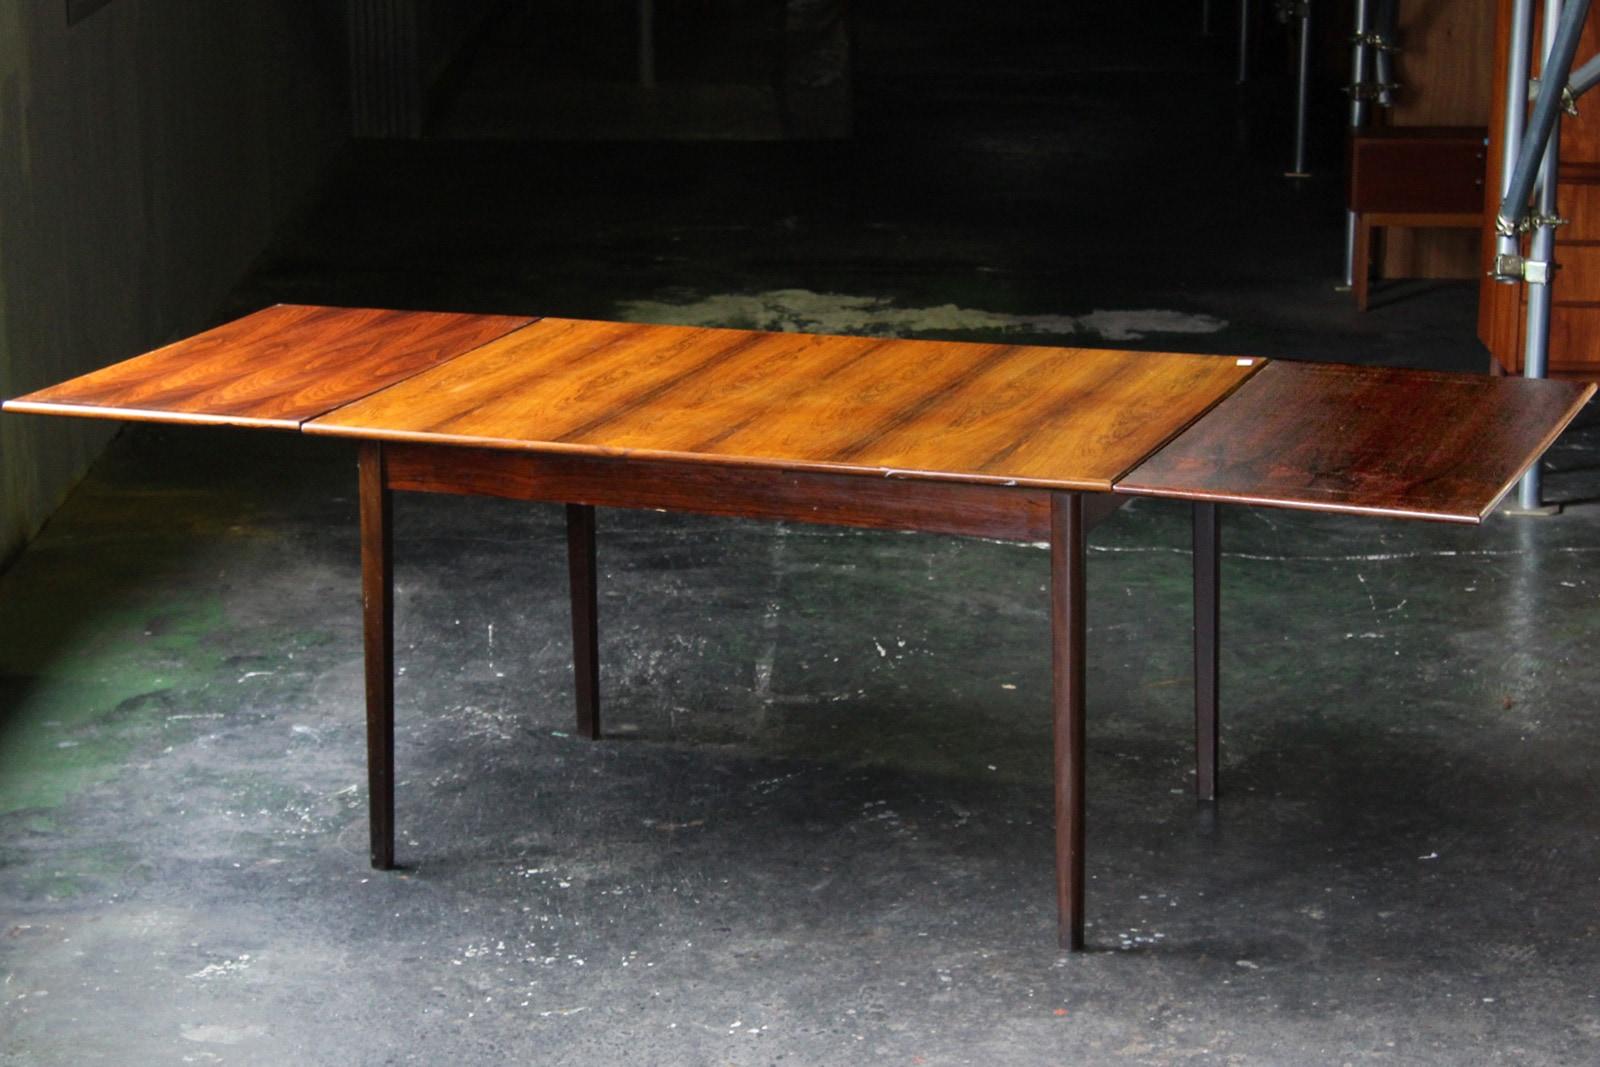 北欧,ヴィンテージ,家具,ダイニングテーブル,ローズウッド材,長方形